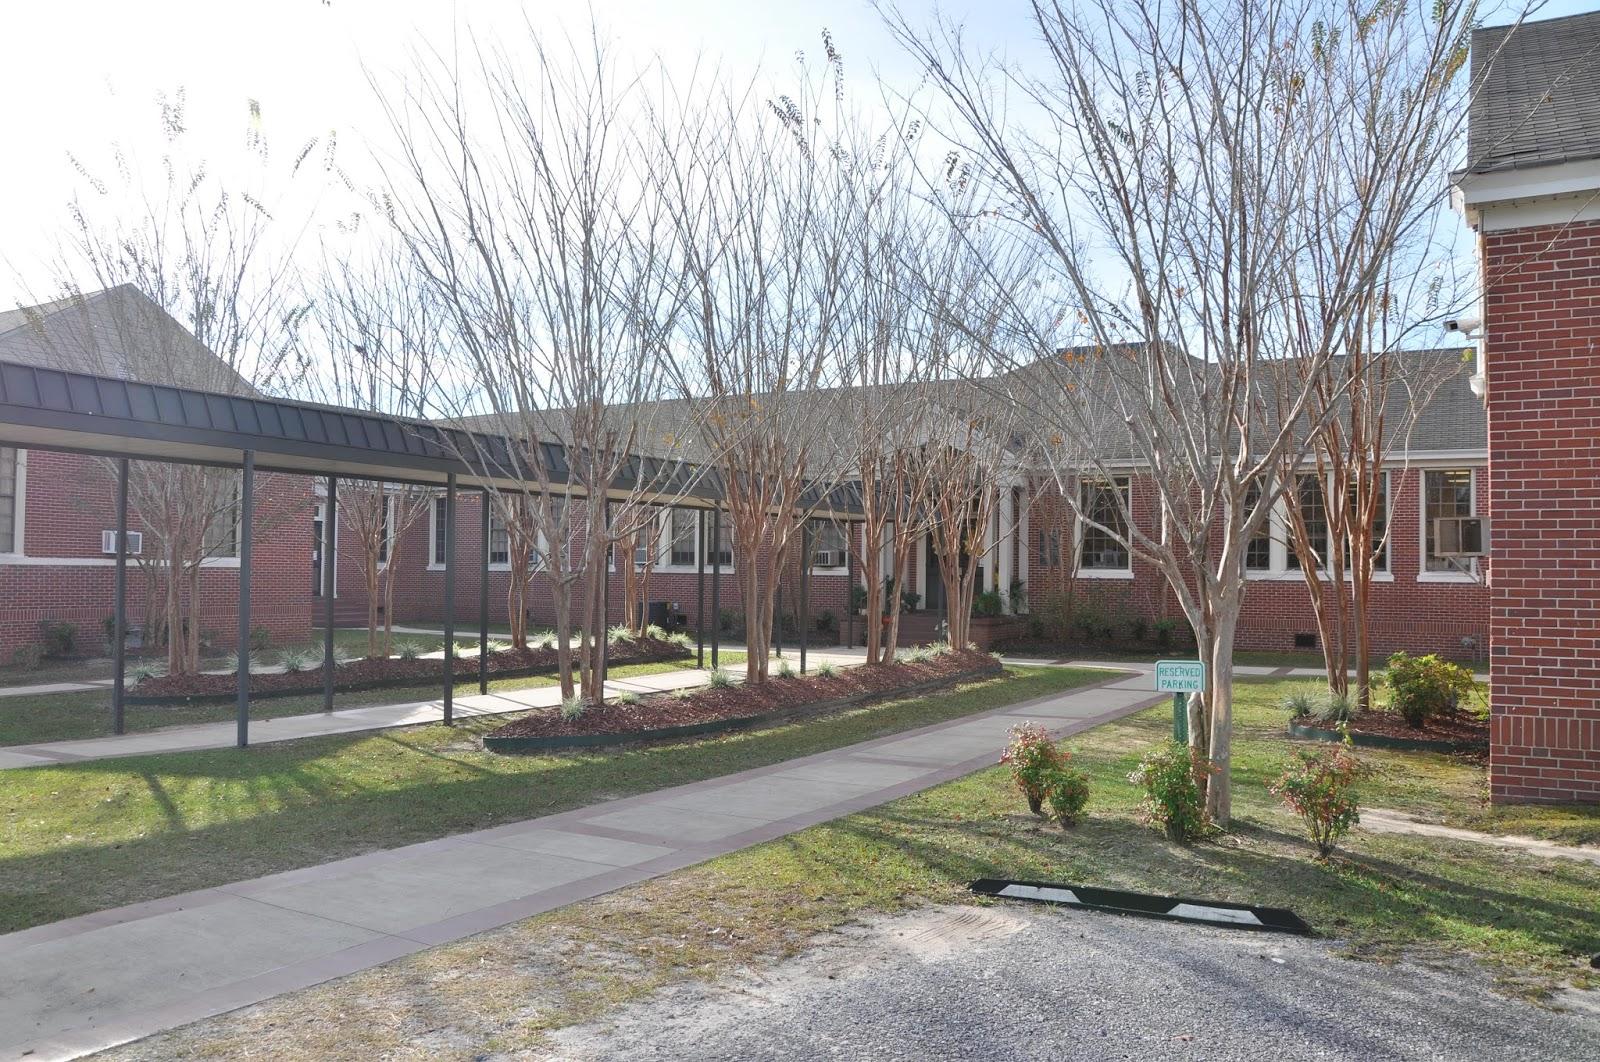 Alabama conecuh county brooklyn 36429 - Conecuh County Junior High School In Castleberry Ala